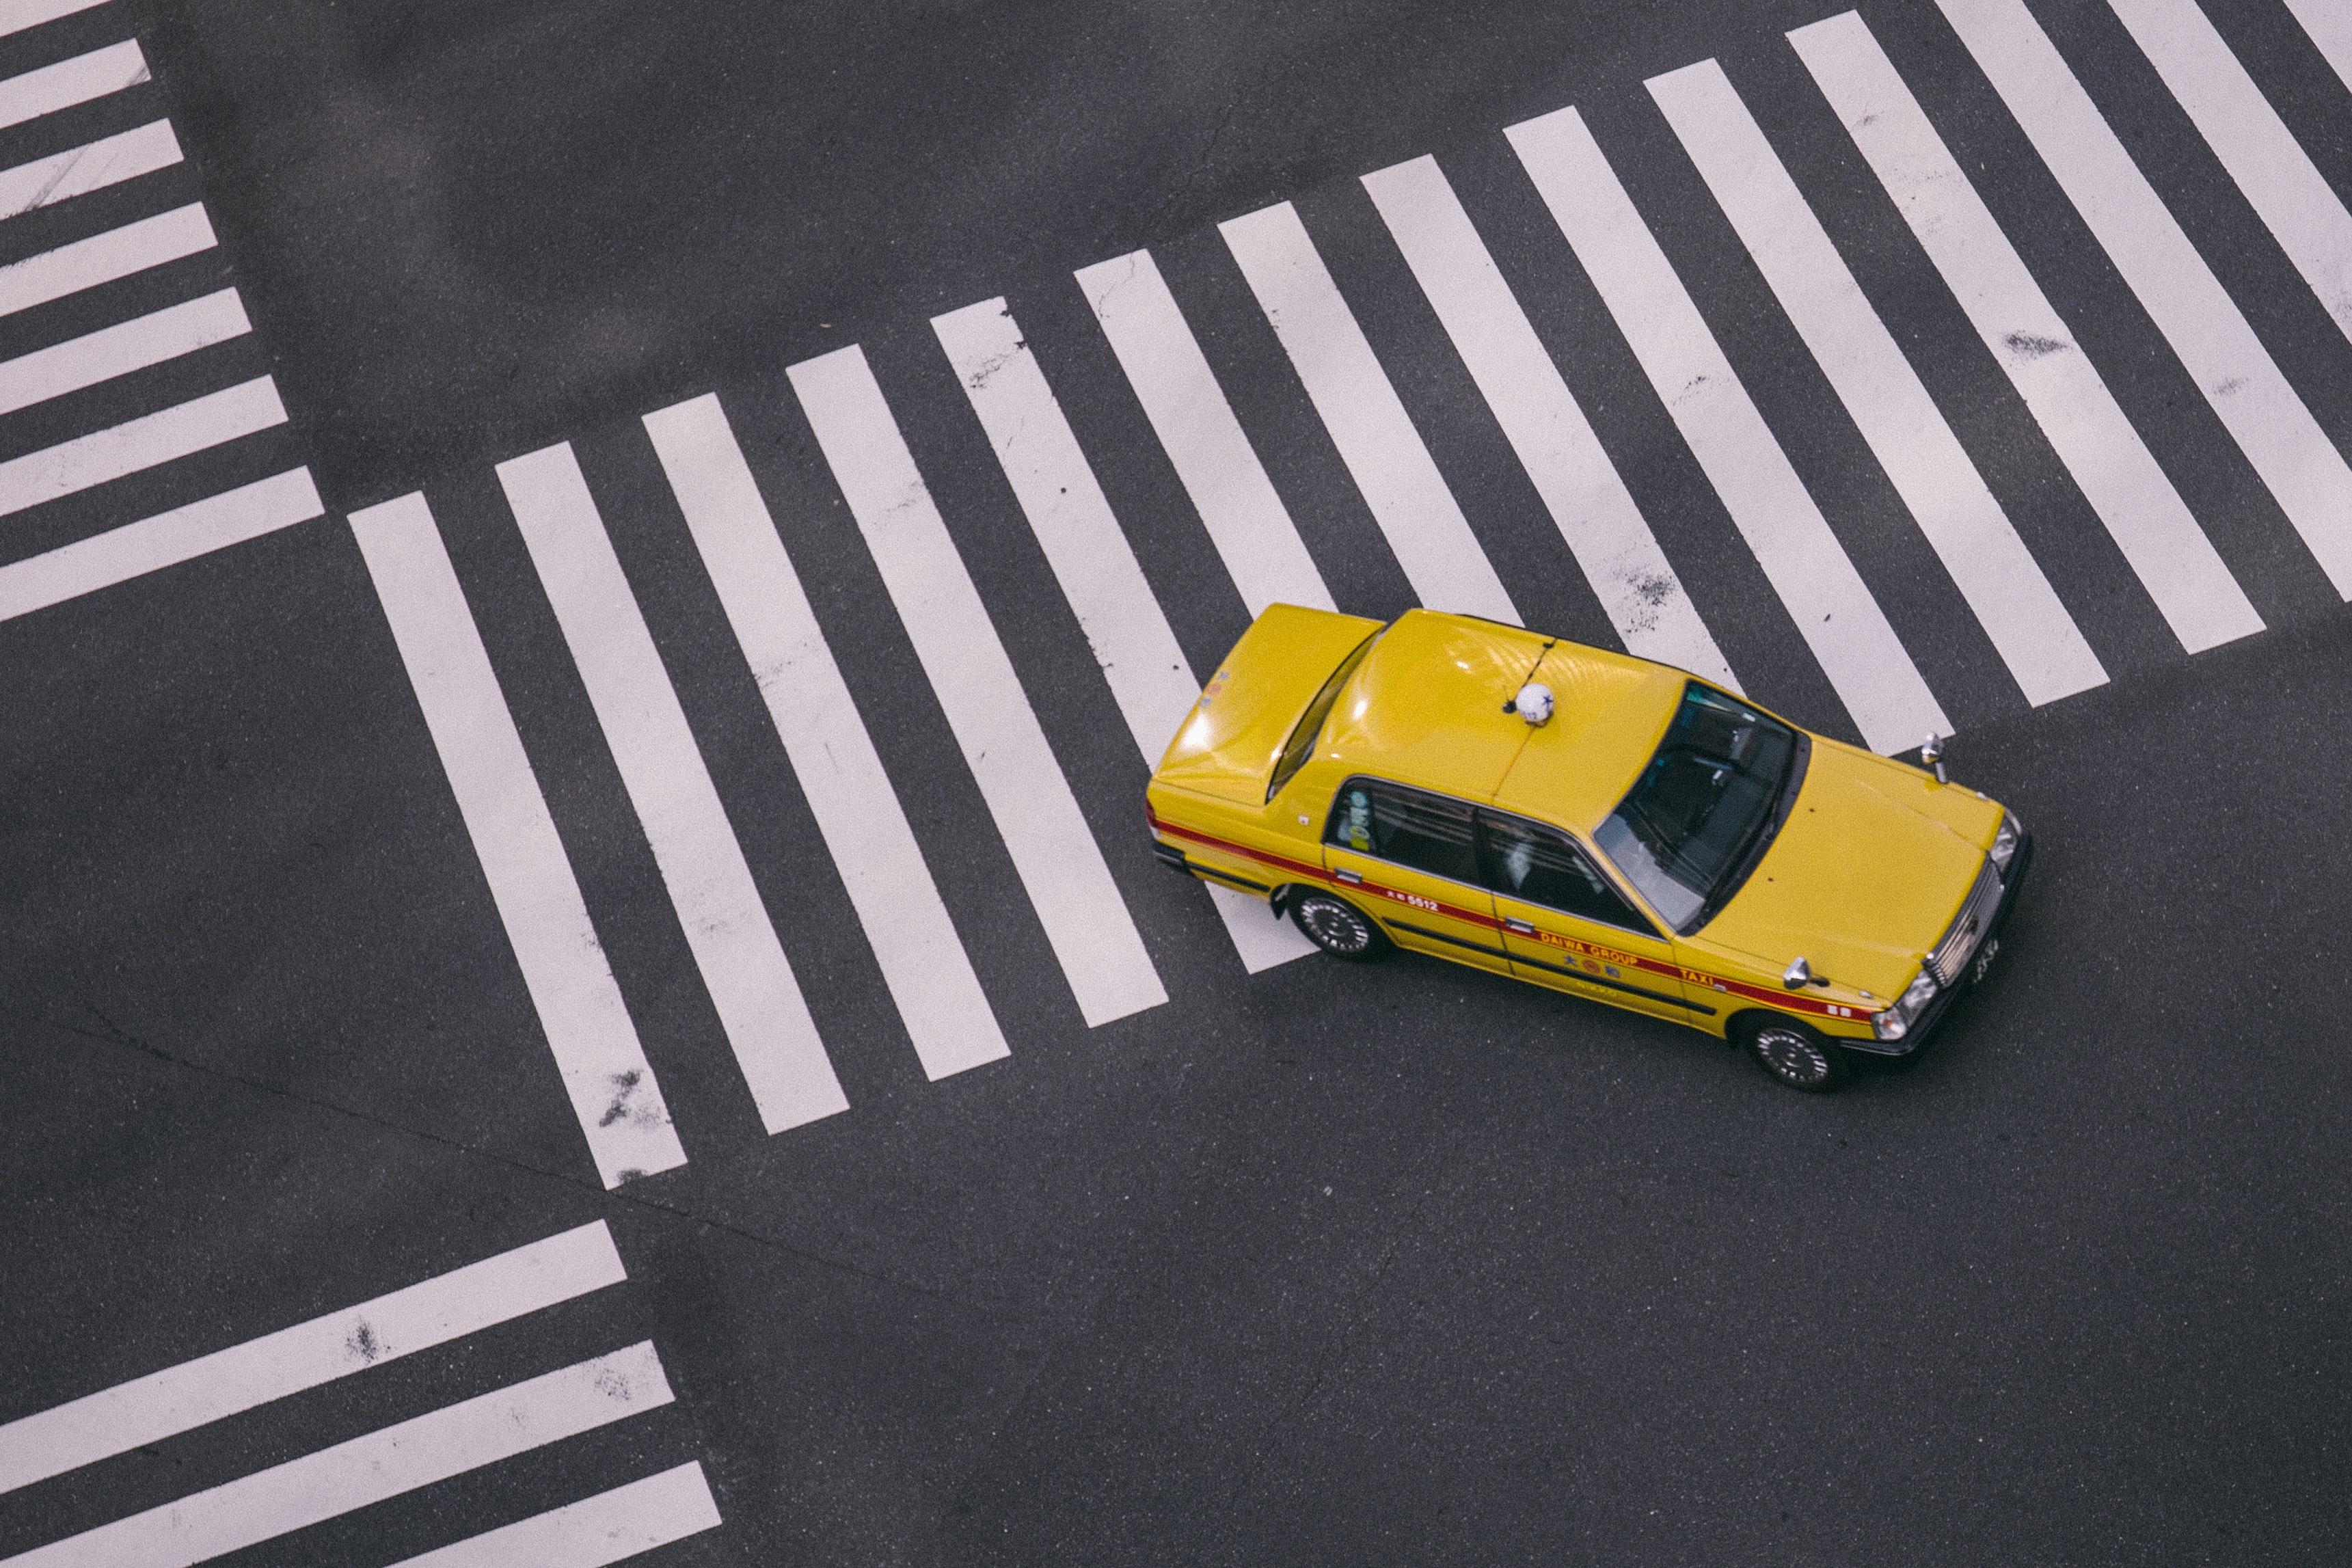 日本交通の専用タクシー乗り場は他社より充実! その魅力を詳しく解説